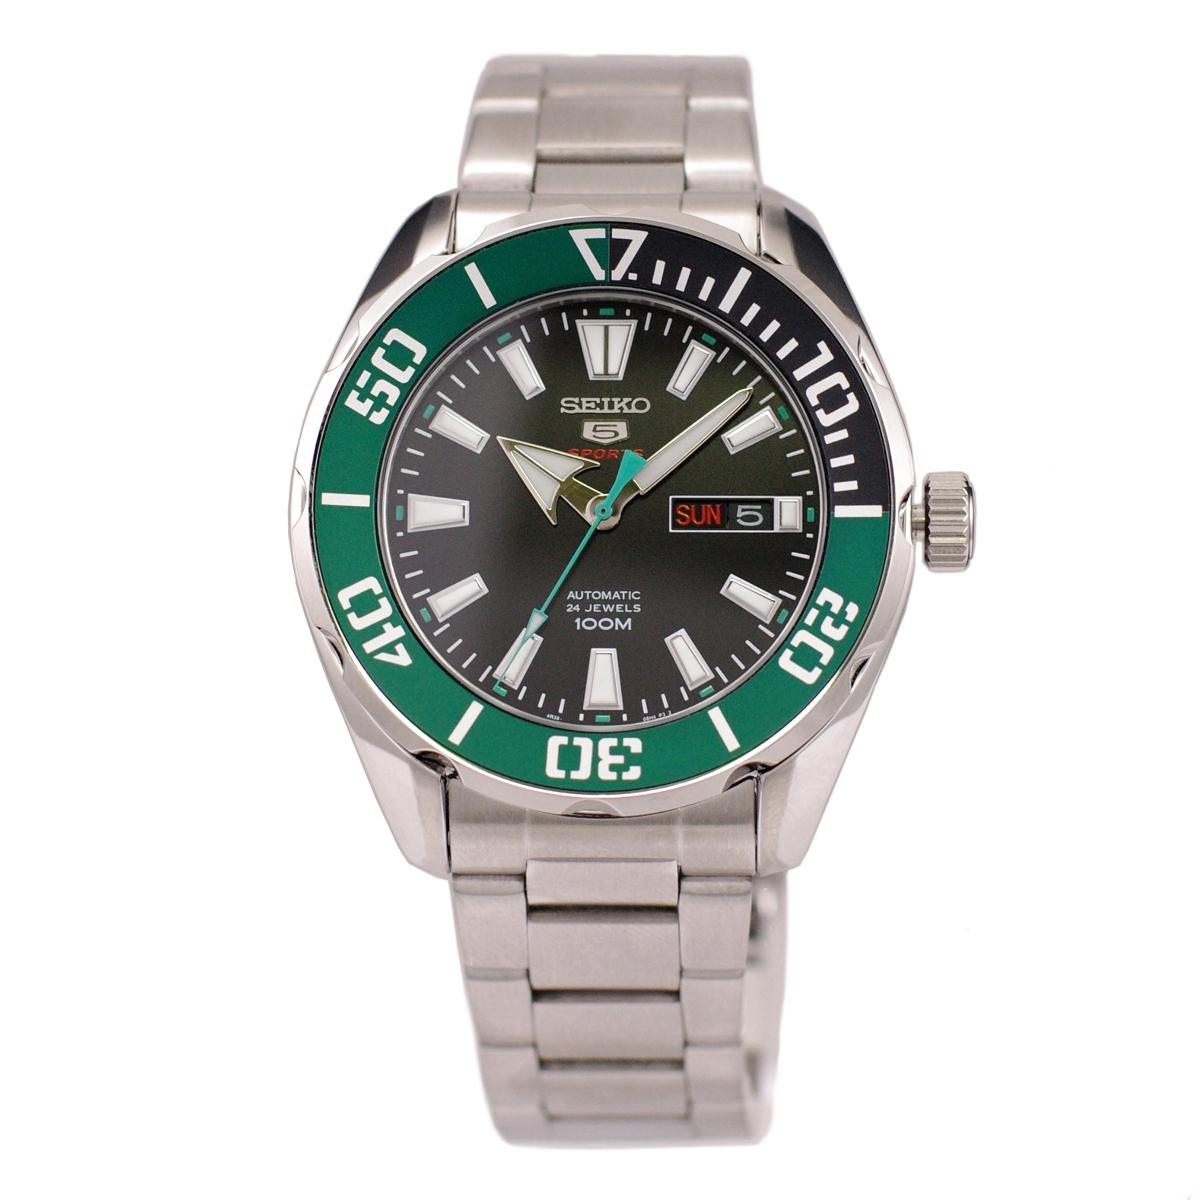 セイコー SEIKO 5 SPORTS 腕時計 海外モデル 自動巻き(手巻付き) 100m防水 グリーン SRPC53K1 メンズ [逆輸入品]